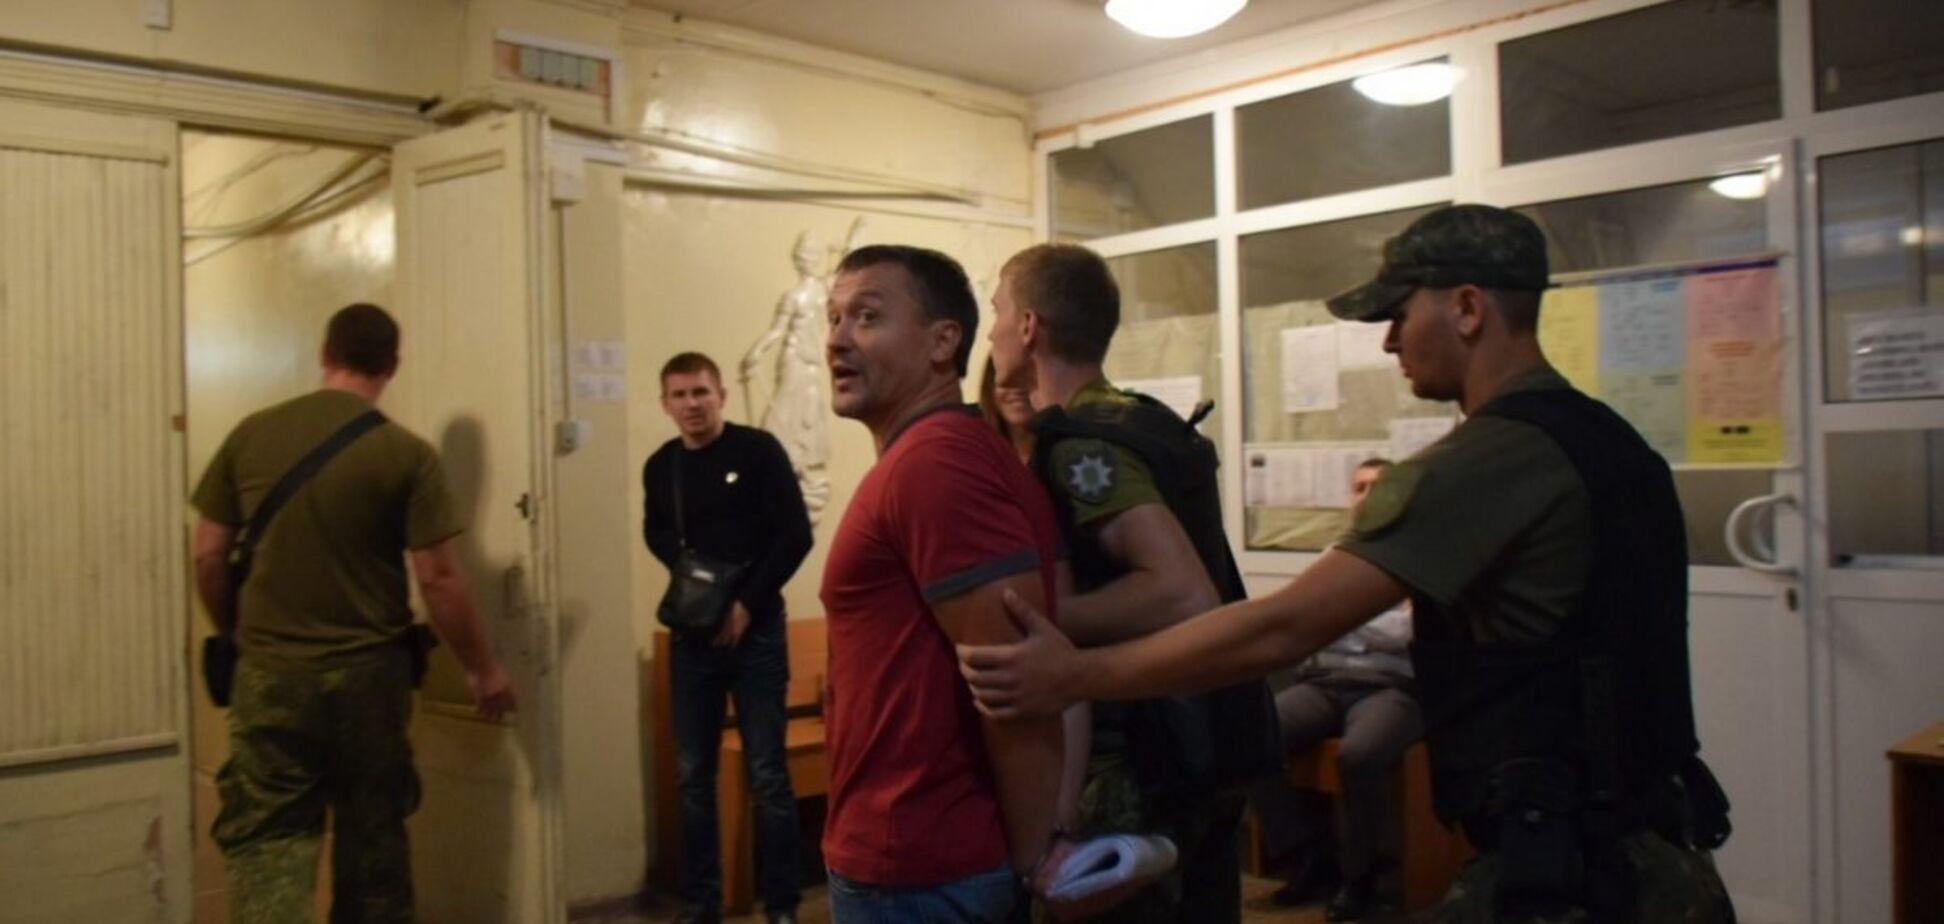 'Мультик' закончился: стало известно о судьбе пойманной в Украине 'крупной рыбы'